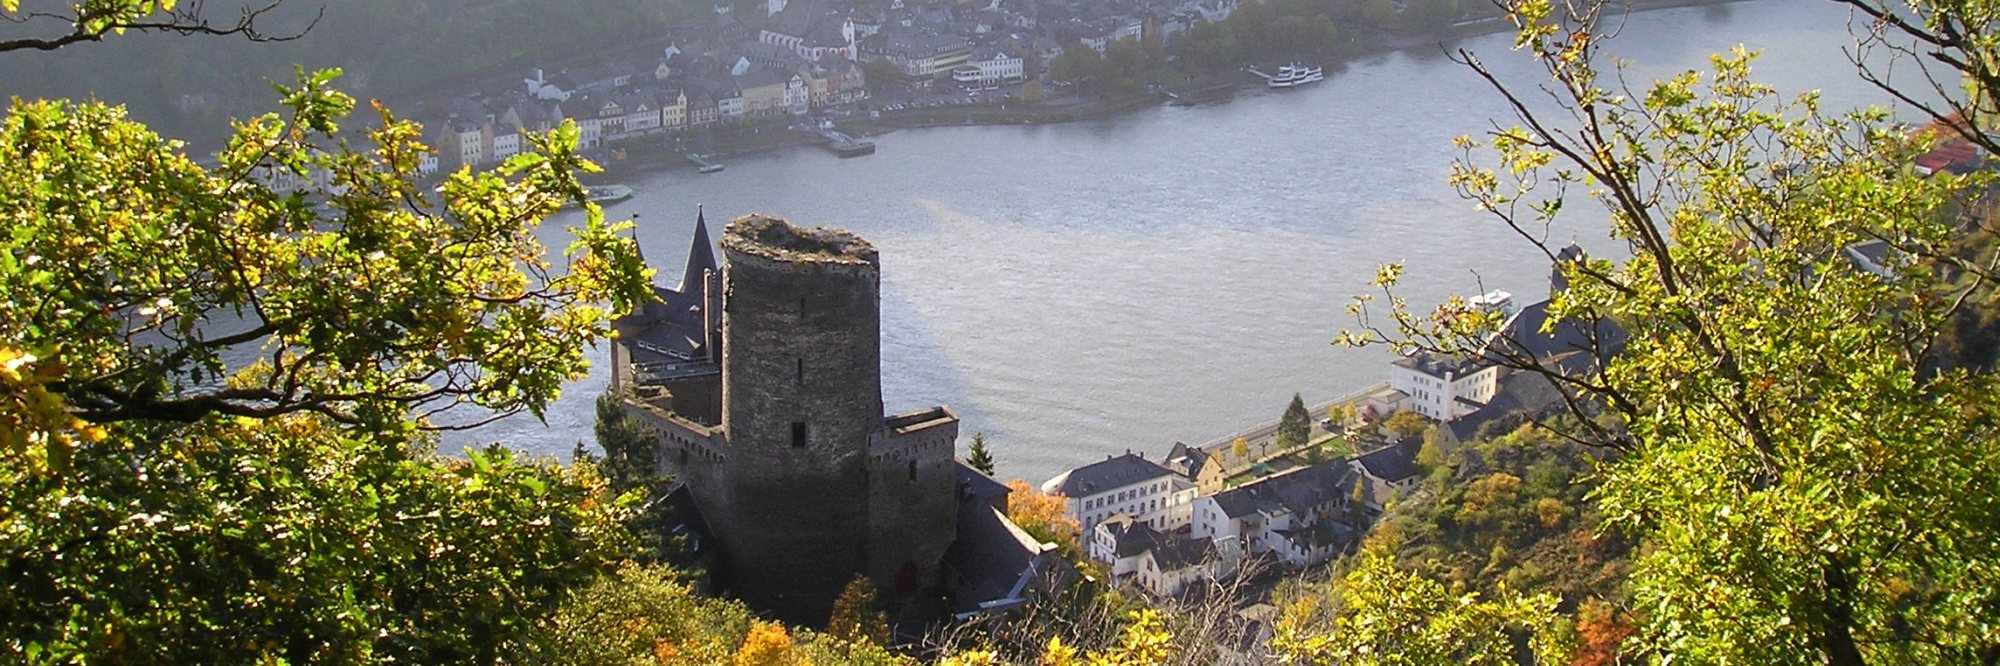 headerfoto Rheinsteig Burg Katz